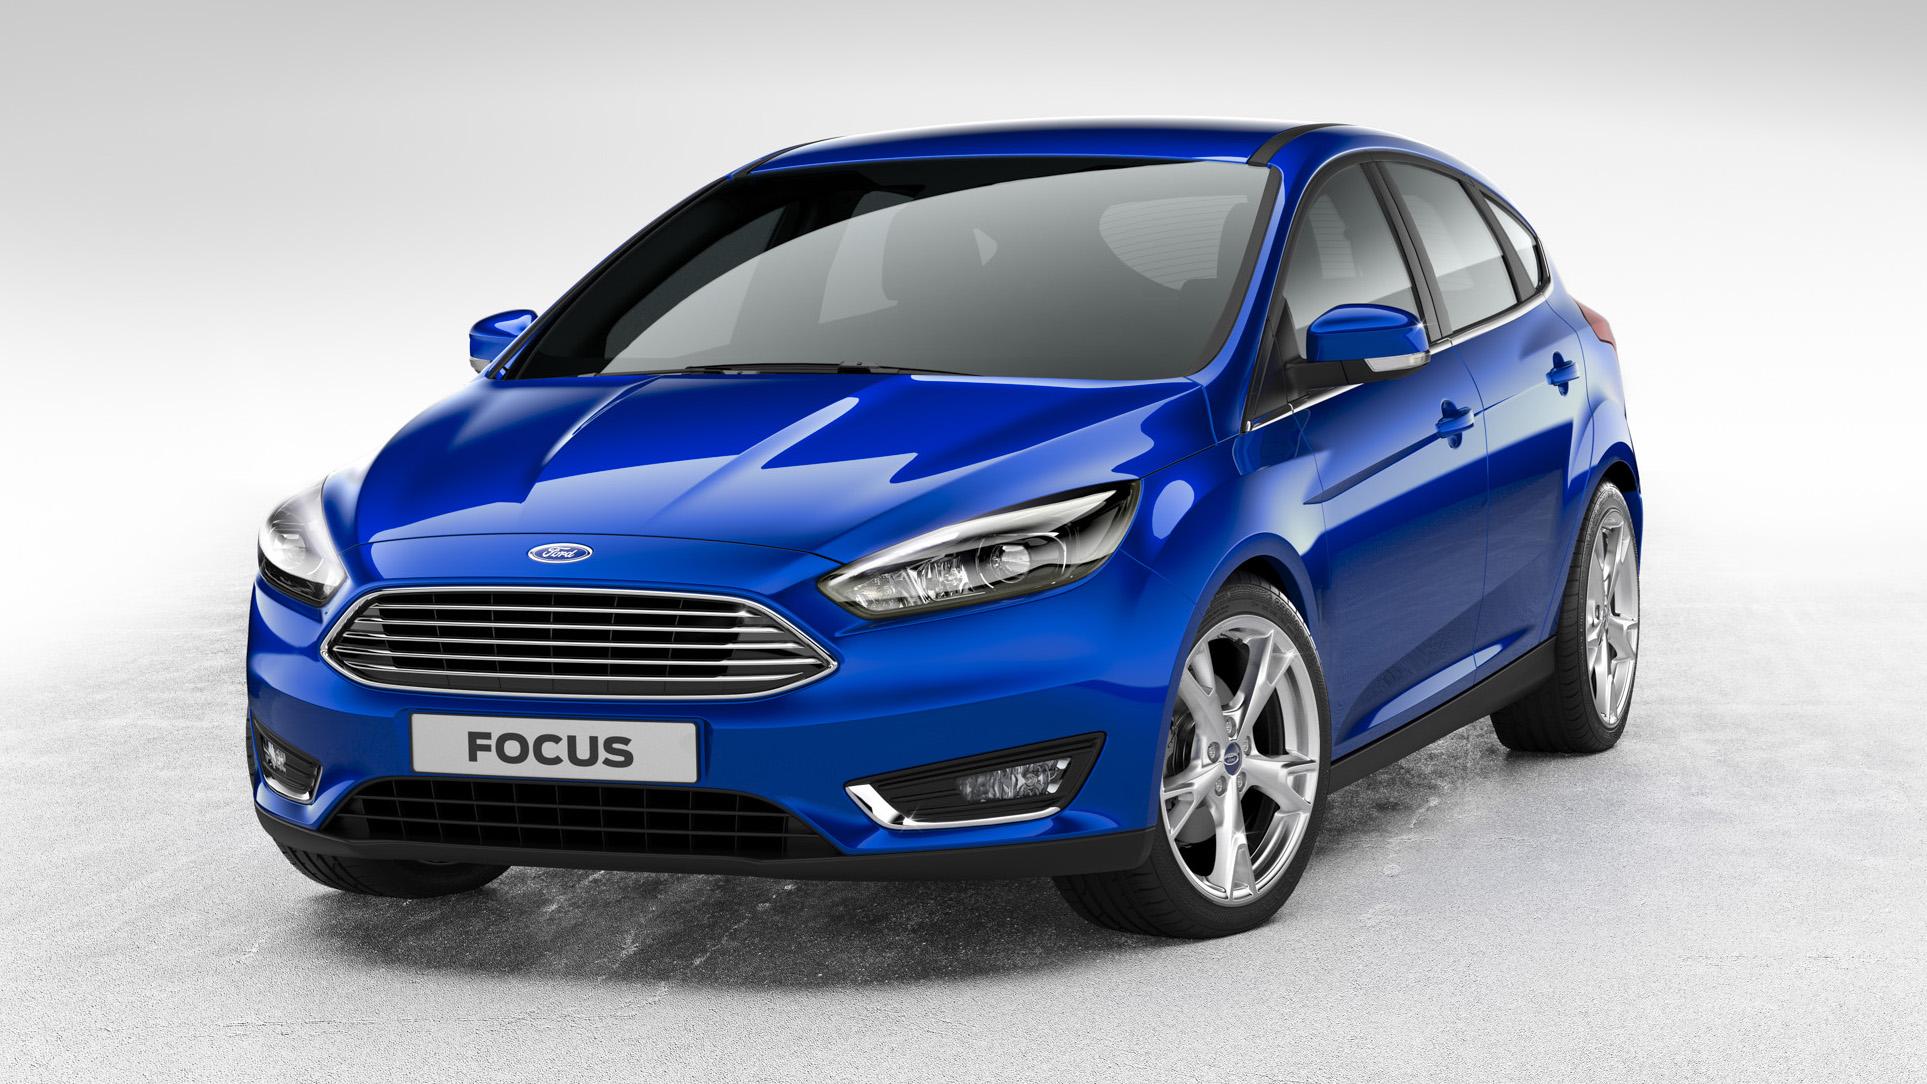 Ford_Focus_5Door_02_Crop.jpg